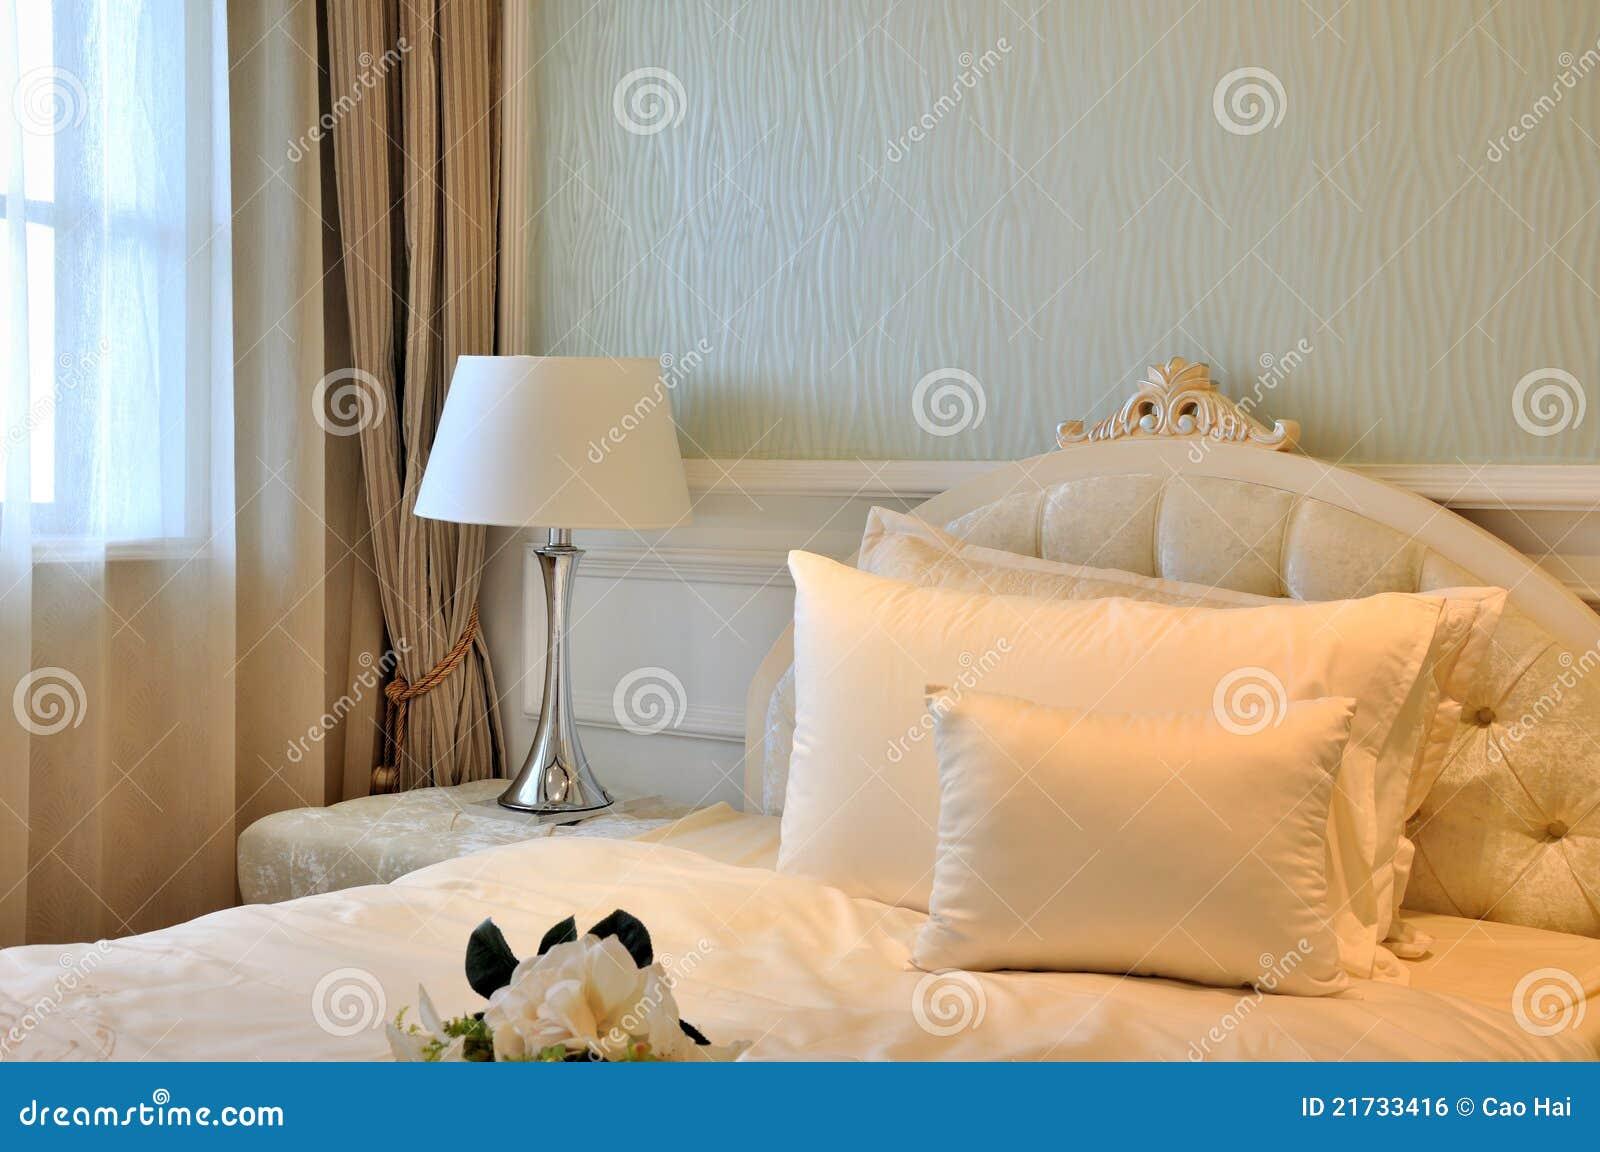 D coration int rieure de chambre coucher l gante dans le blanc image libre - Affiches decoration interieure ...